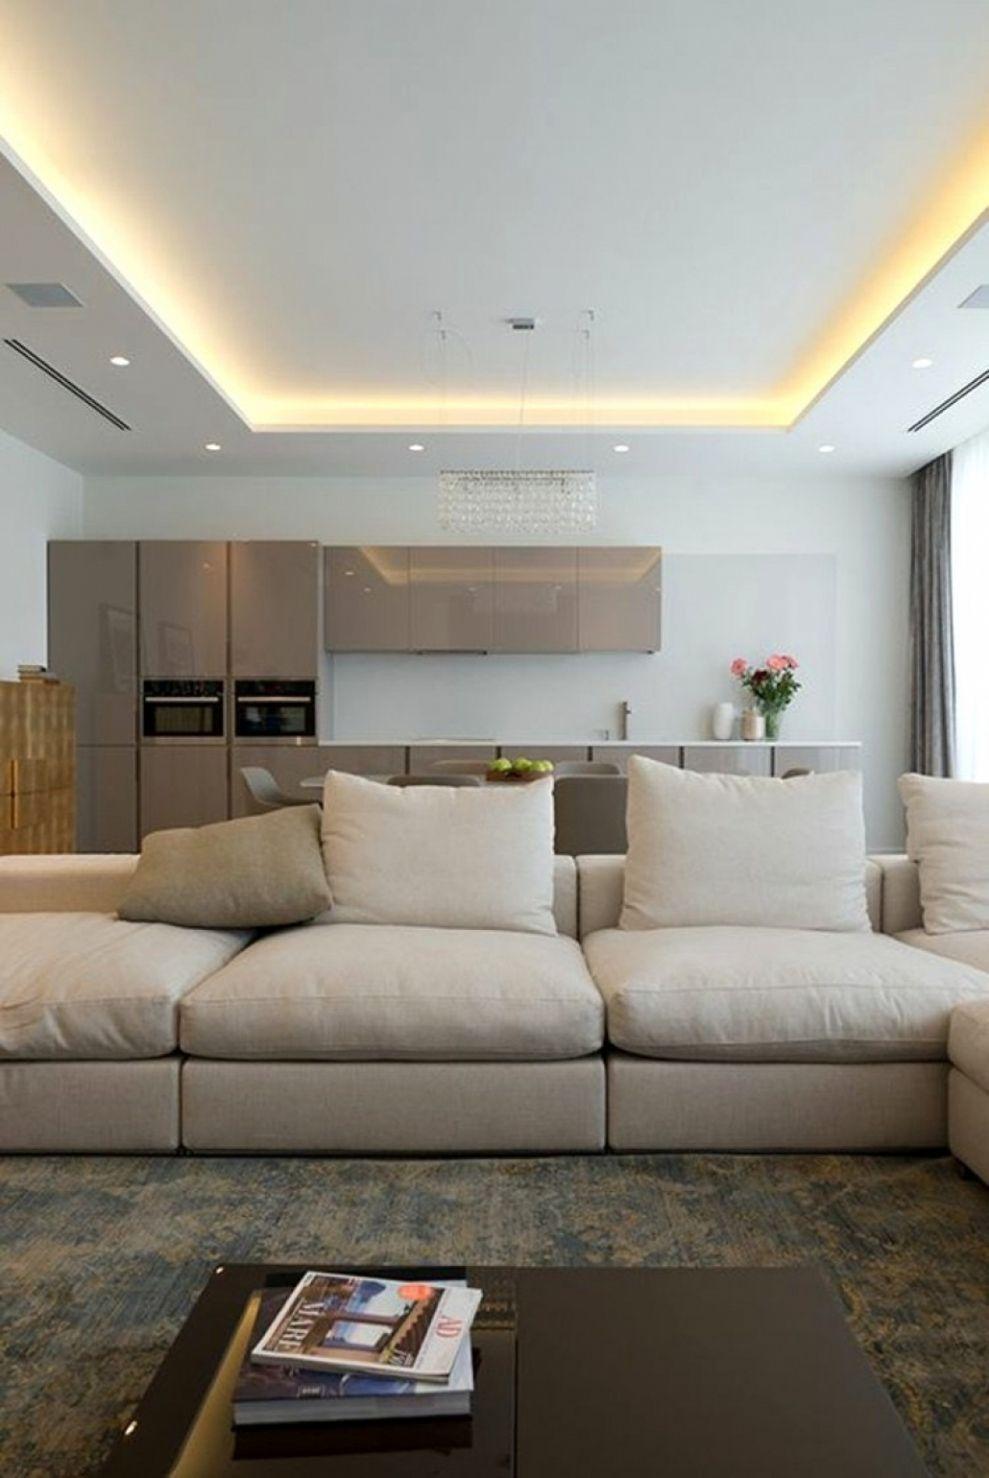 decke wohnzimmer gestalten  House ceiling design, Ceiling light